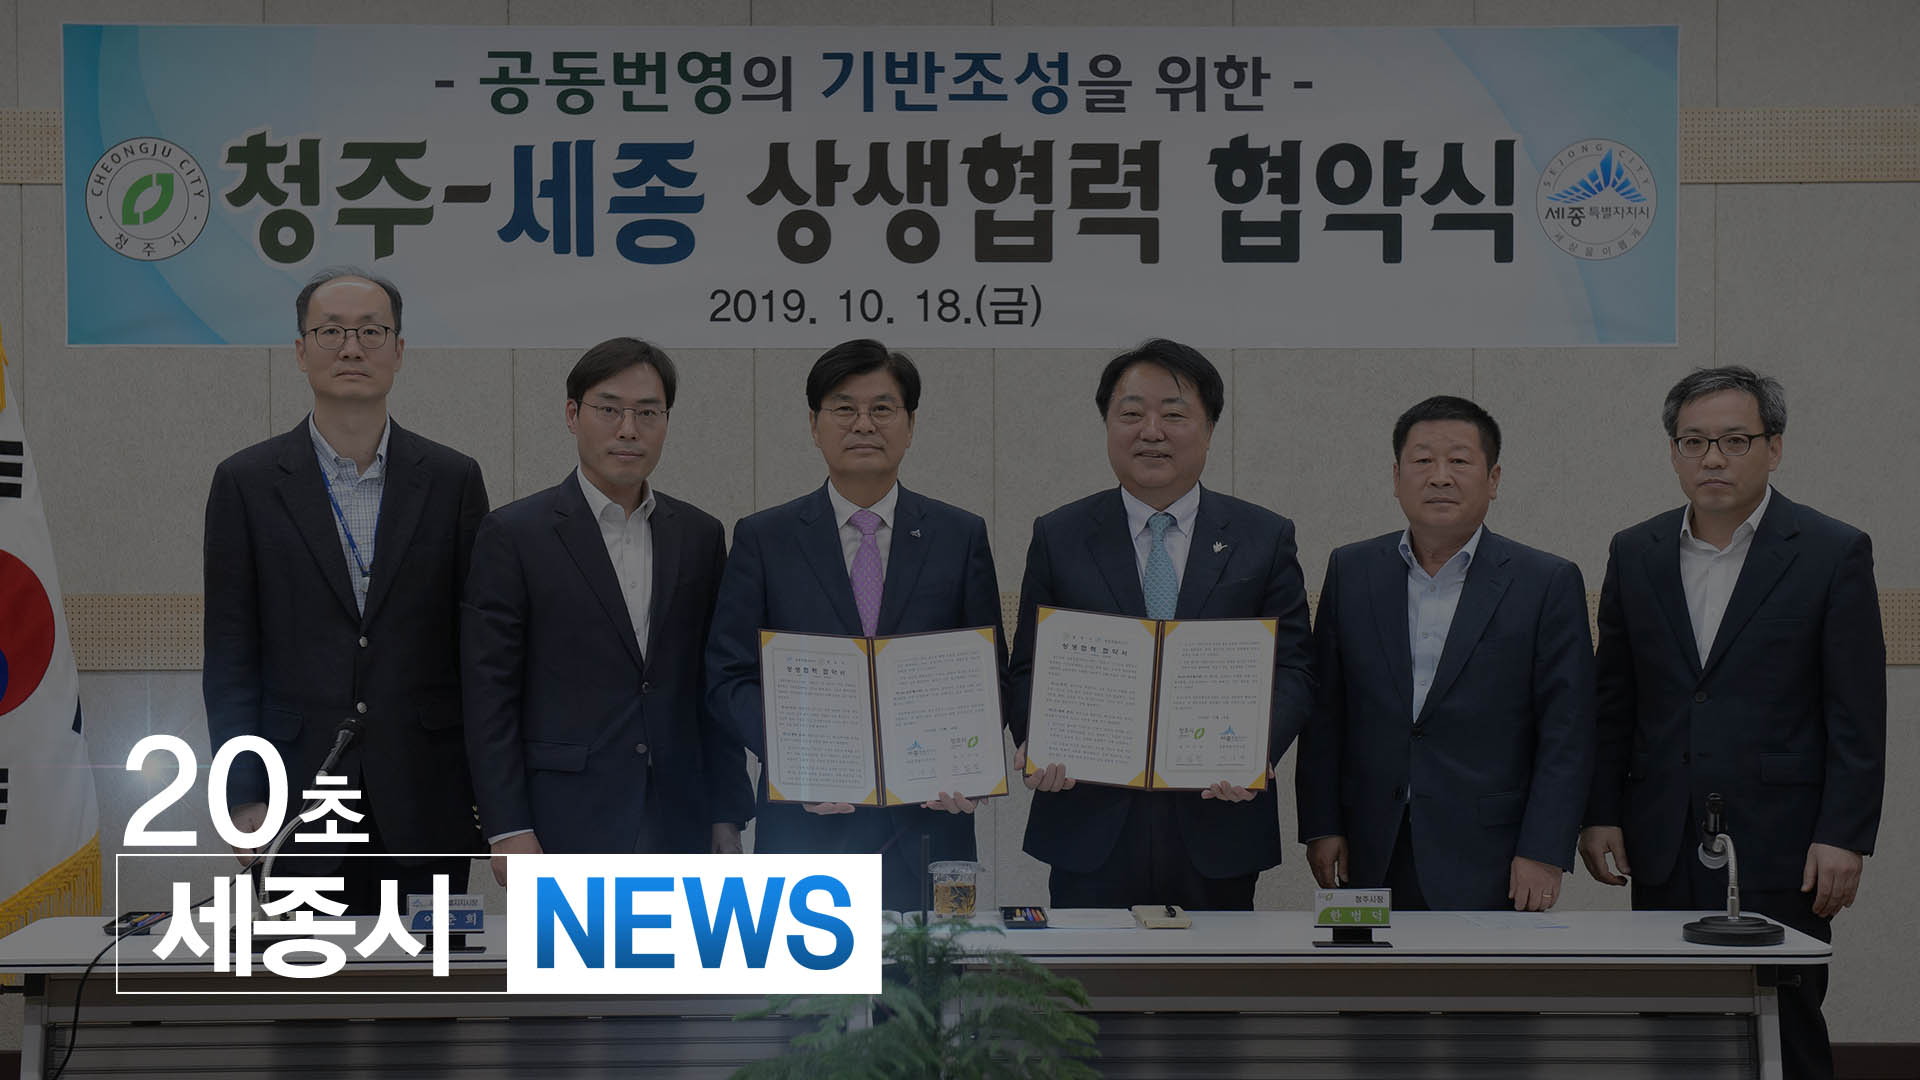 <20초뉴스> 세종 청주 상생협력사업 협약